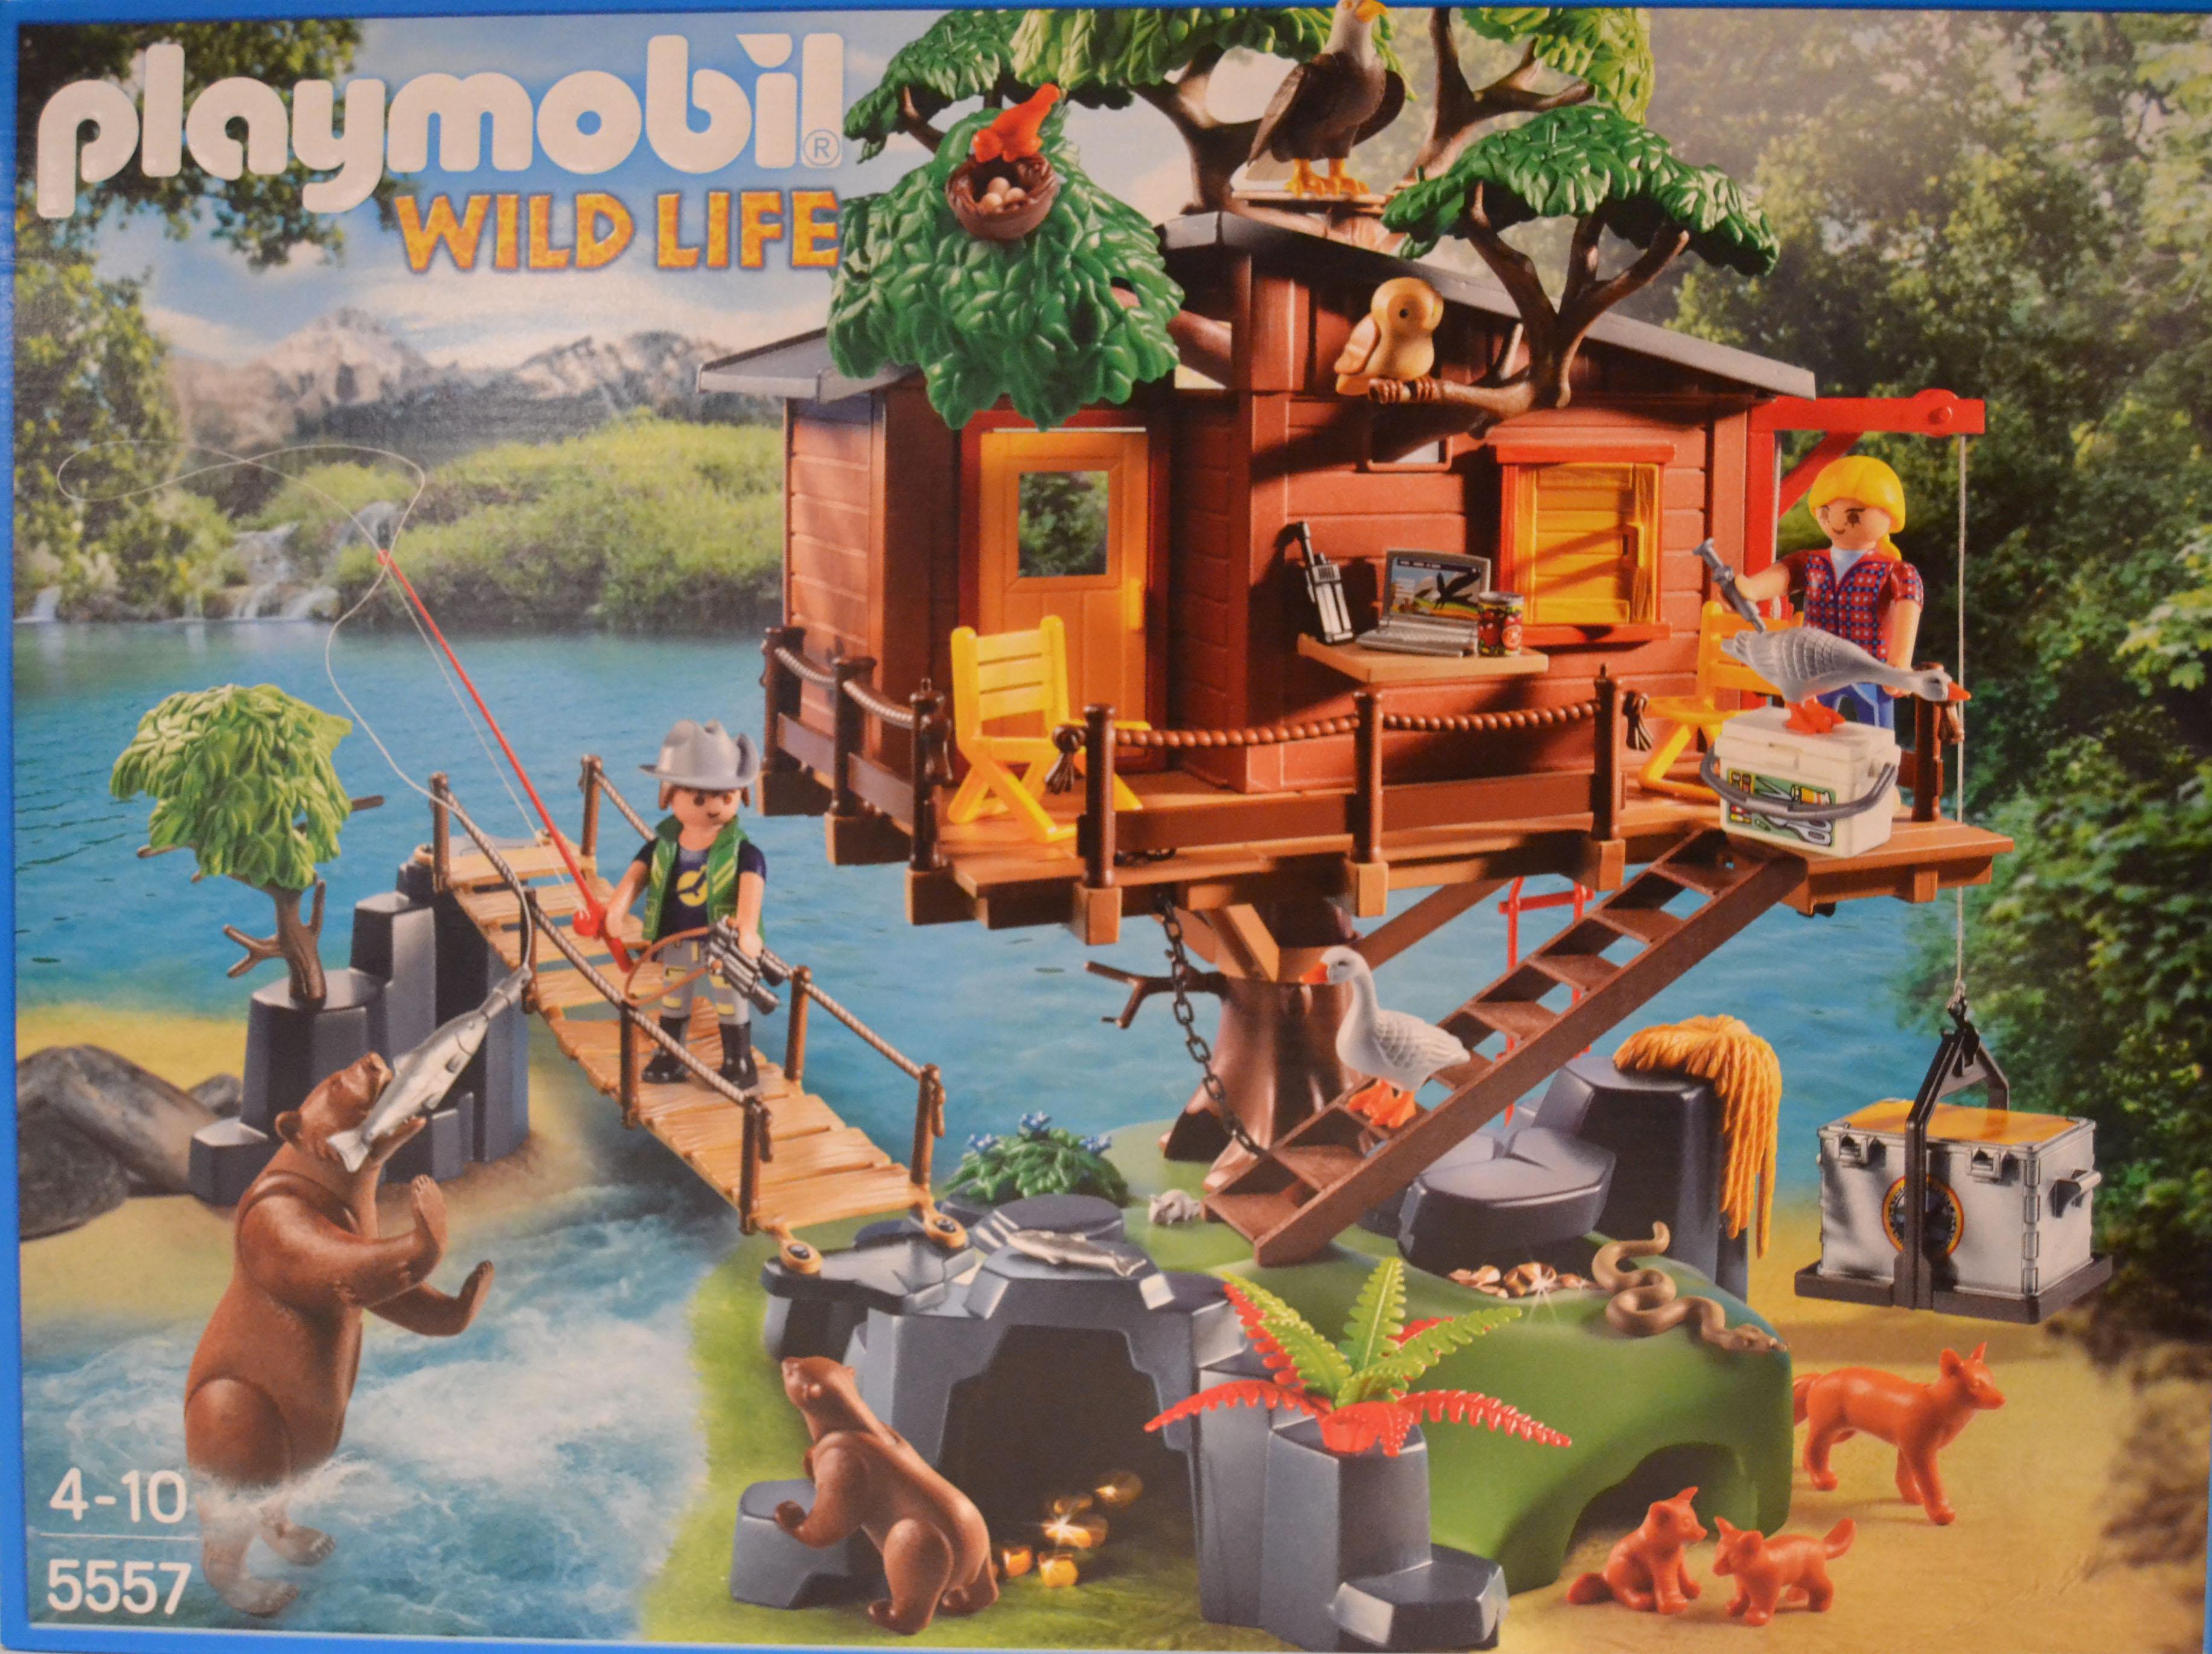 Playmobil vida salvaje 5557 aventura casa de rbol con figuras ebay - Casa del arbol playmobil 5557 ...